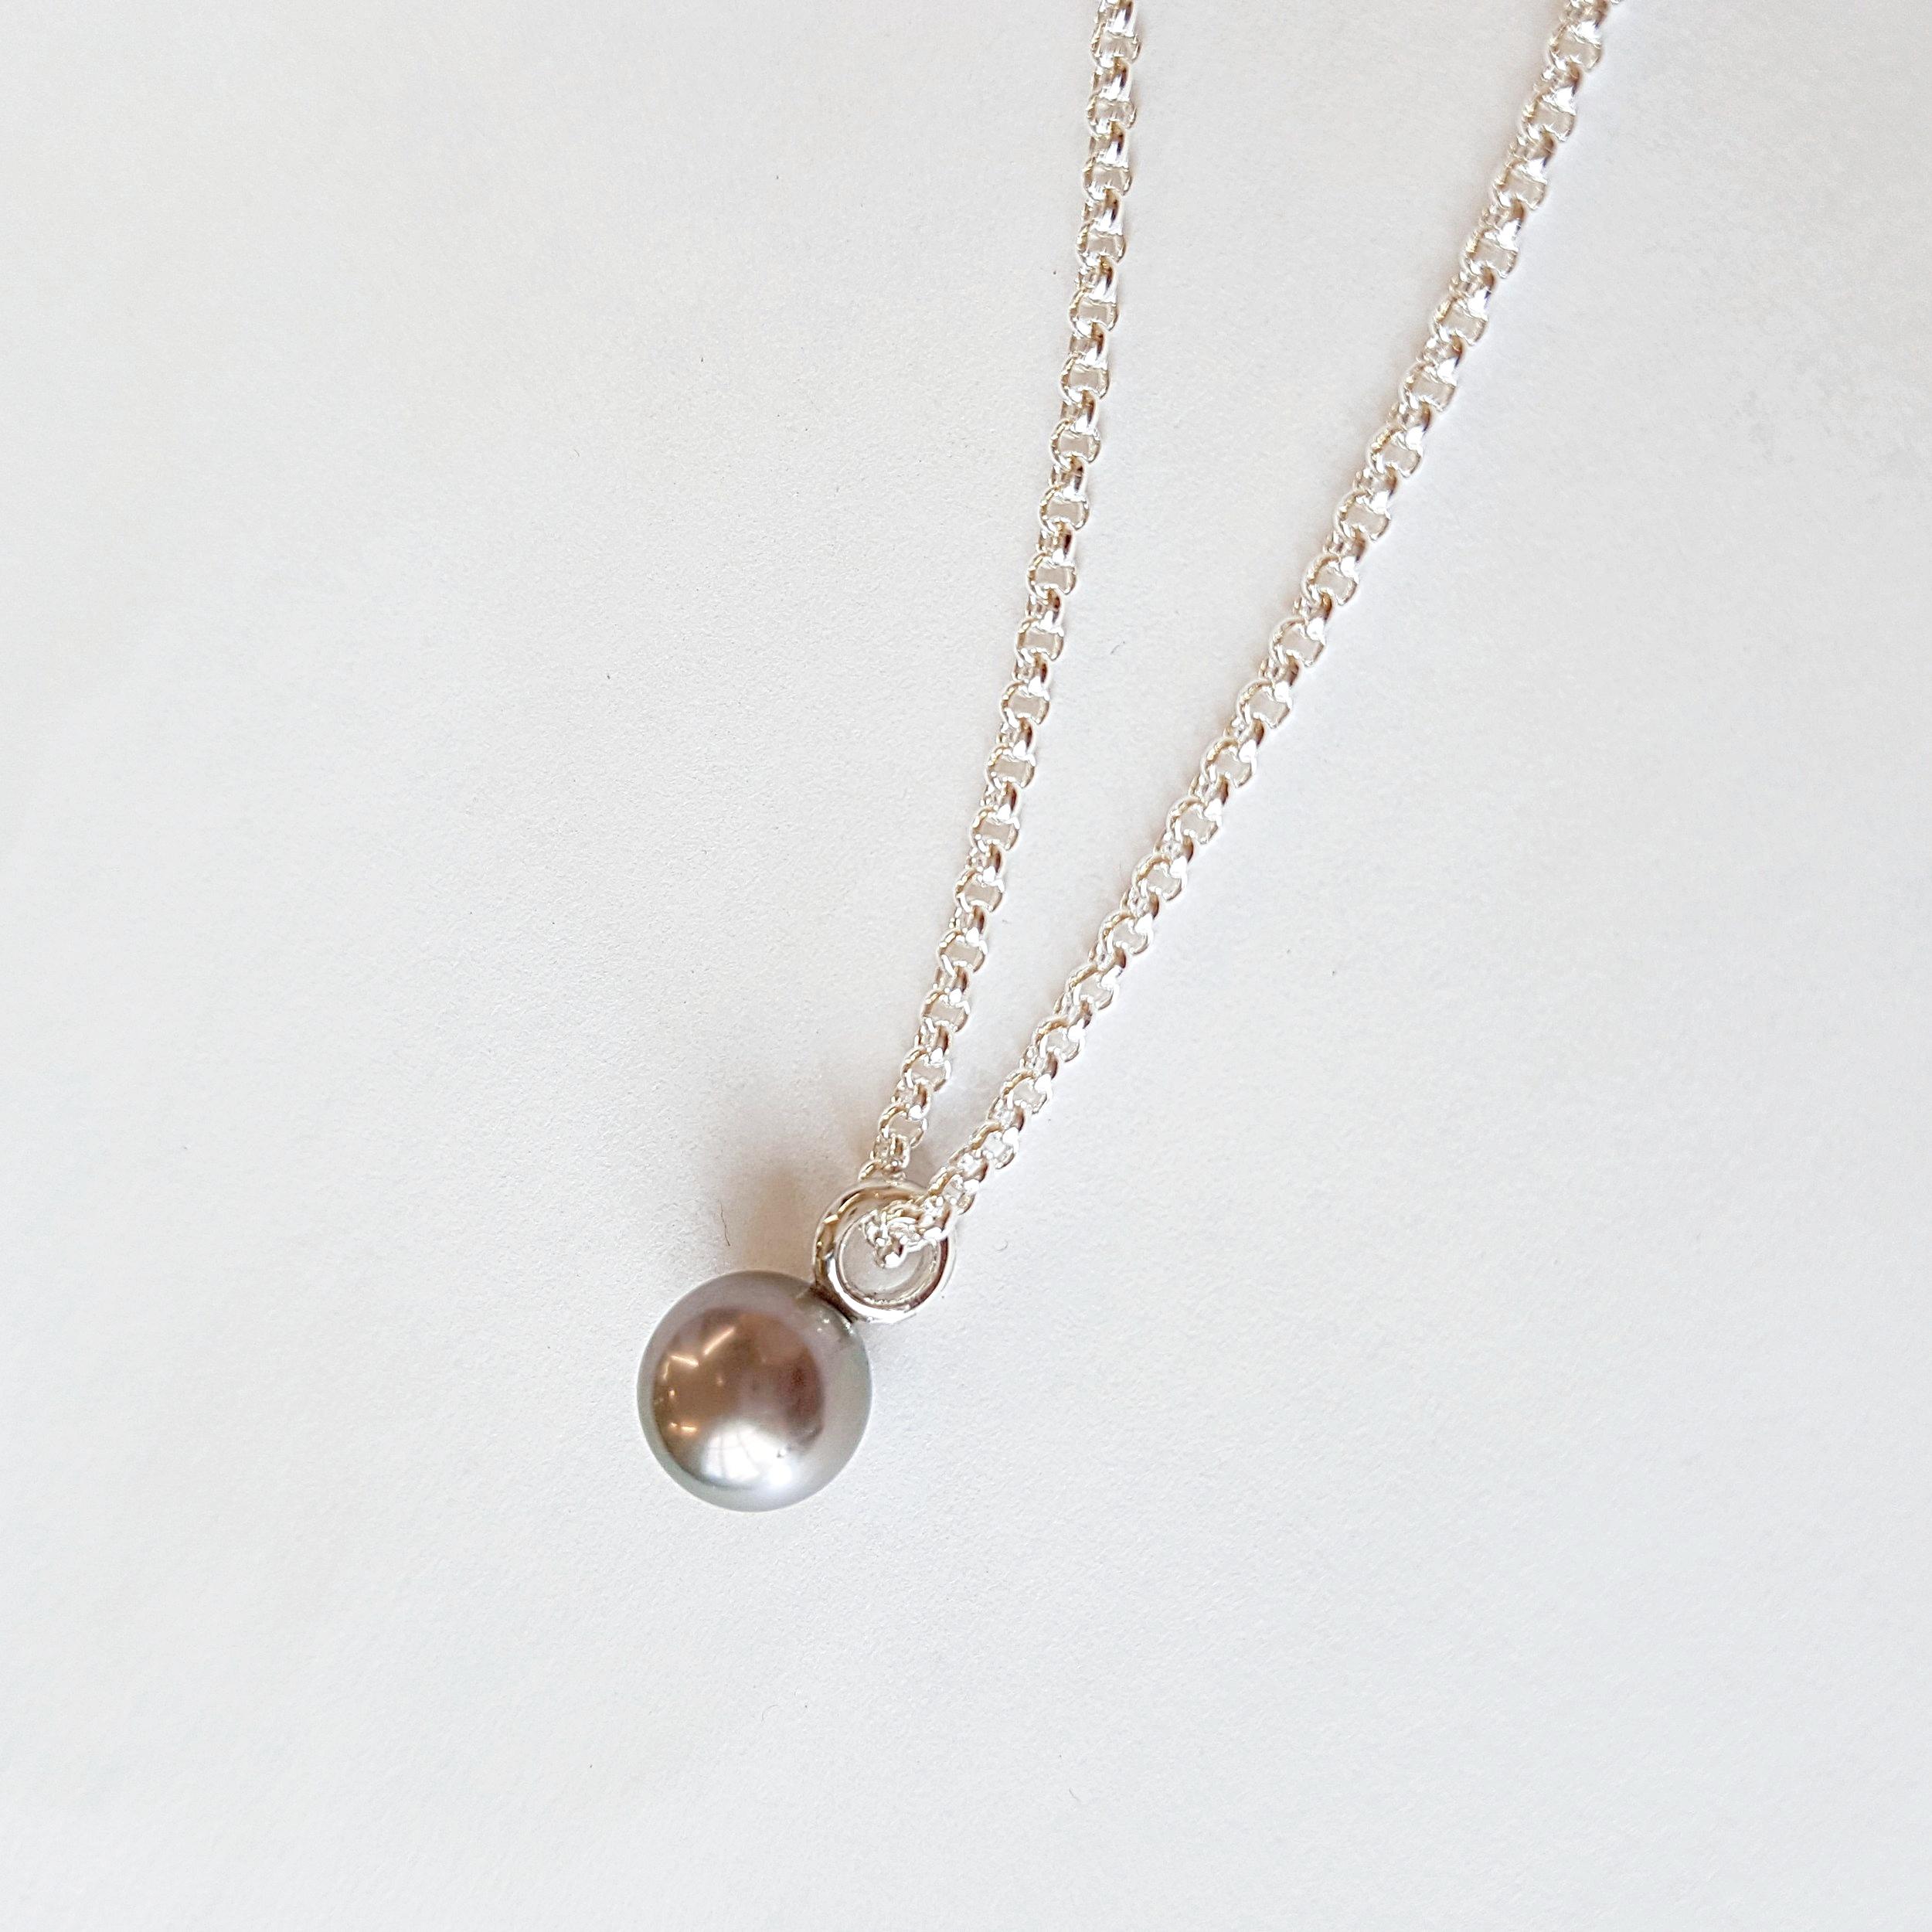 Halskette - KundenanfertigungSilber 925 / Tahitiperle